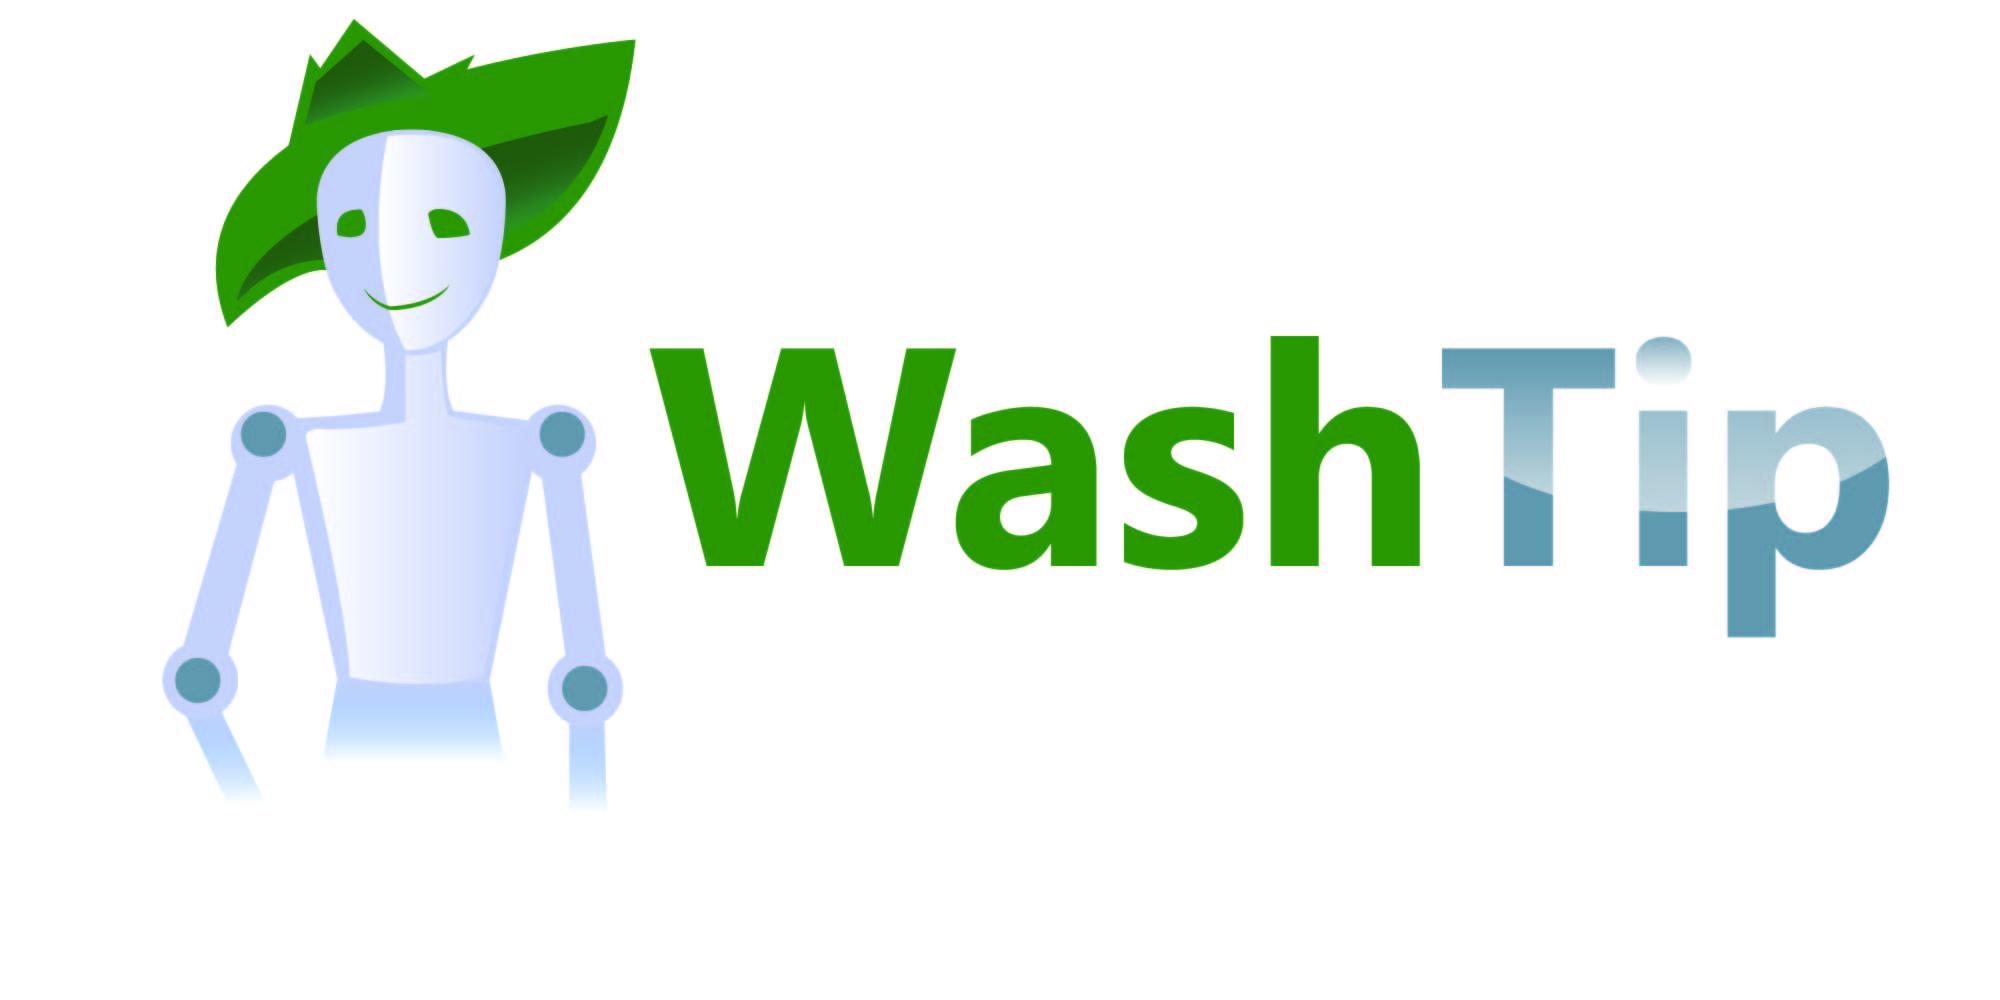 Разработка логотипа для онлайн-сервиса химчистки фото f_1845c0e78e4690d1.jpg